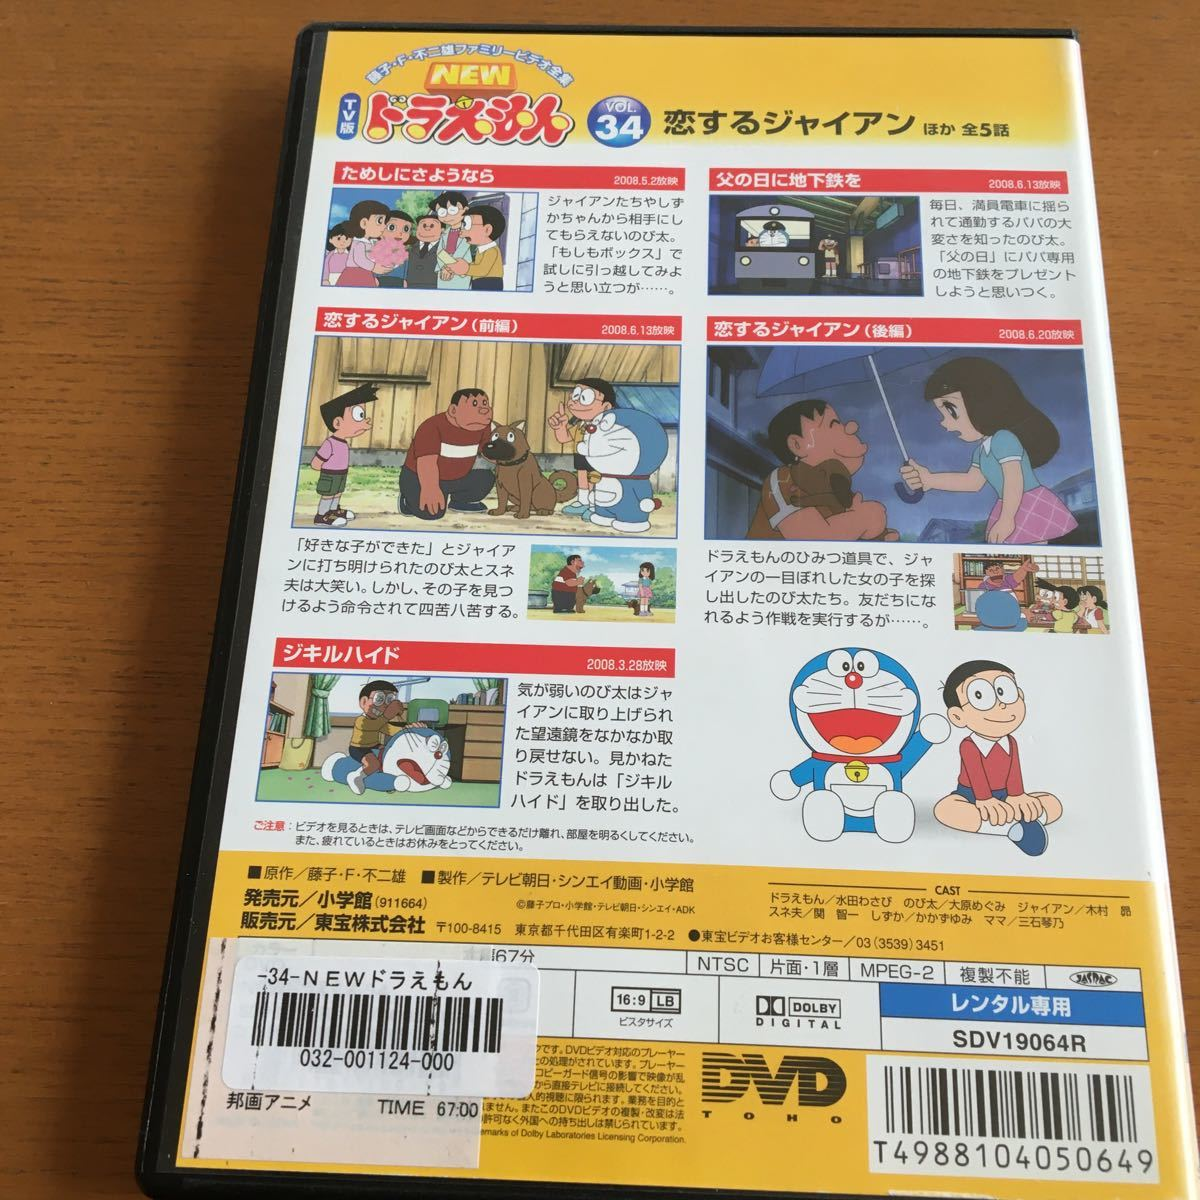 レンタル落ち中古DVD ドラえもん34 テレビ版 TV版